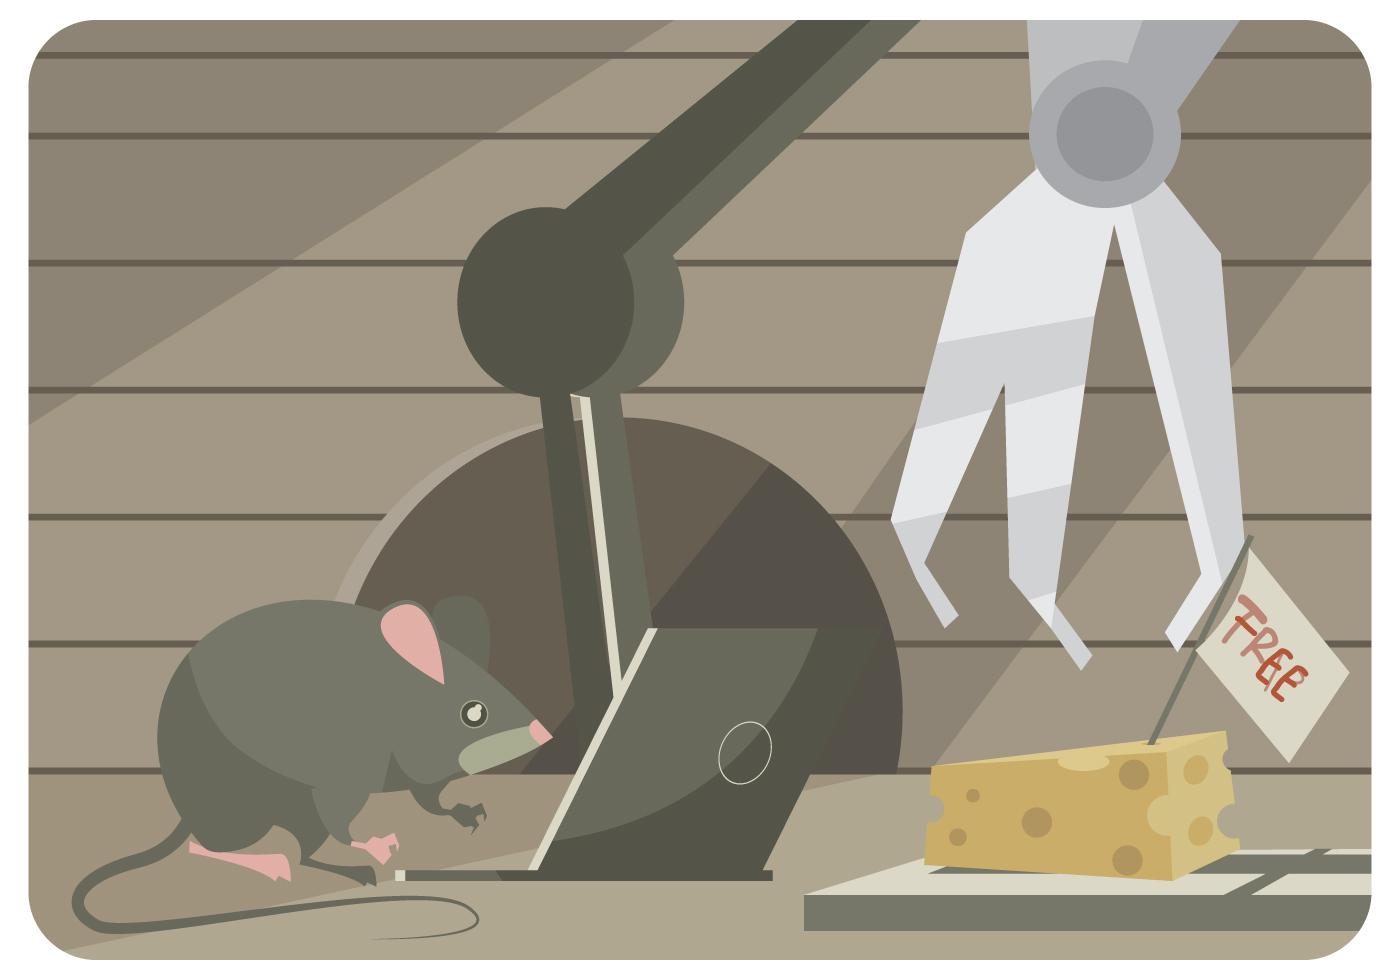 Un mouse tenta di hackerare una trappola per topi con il portatile